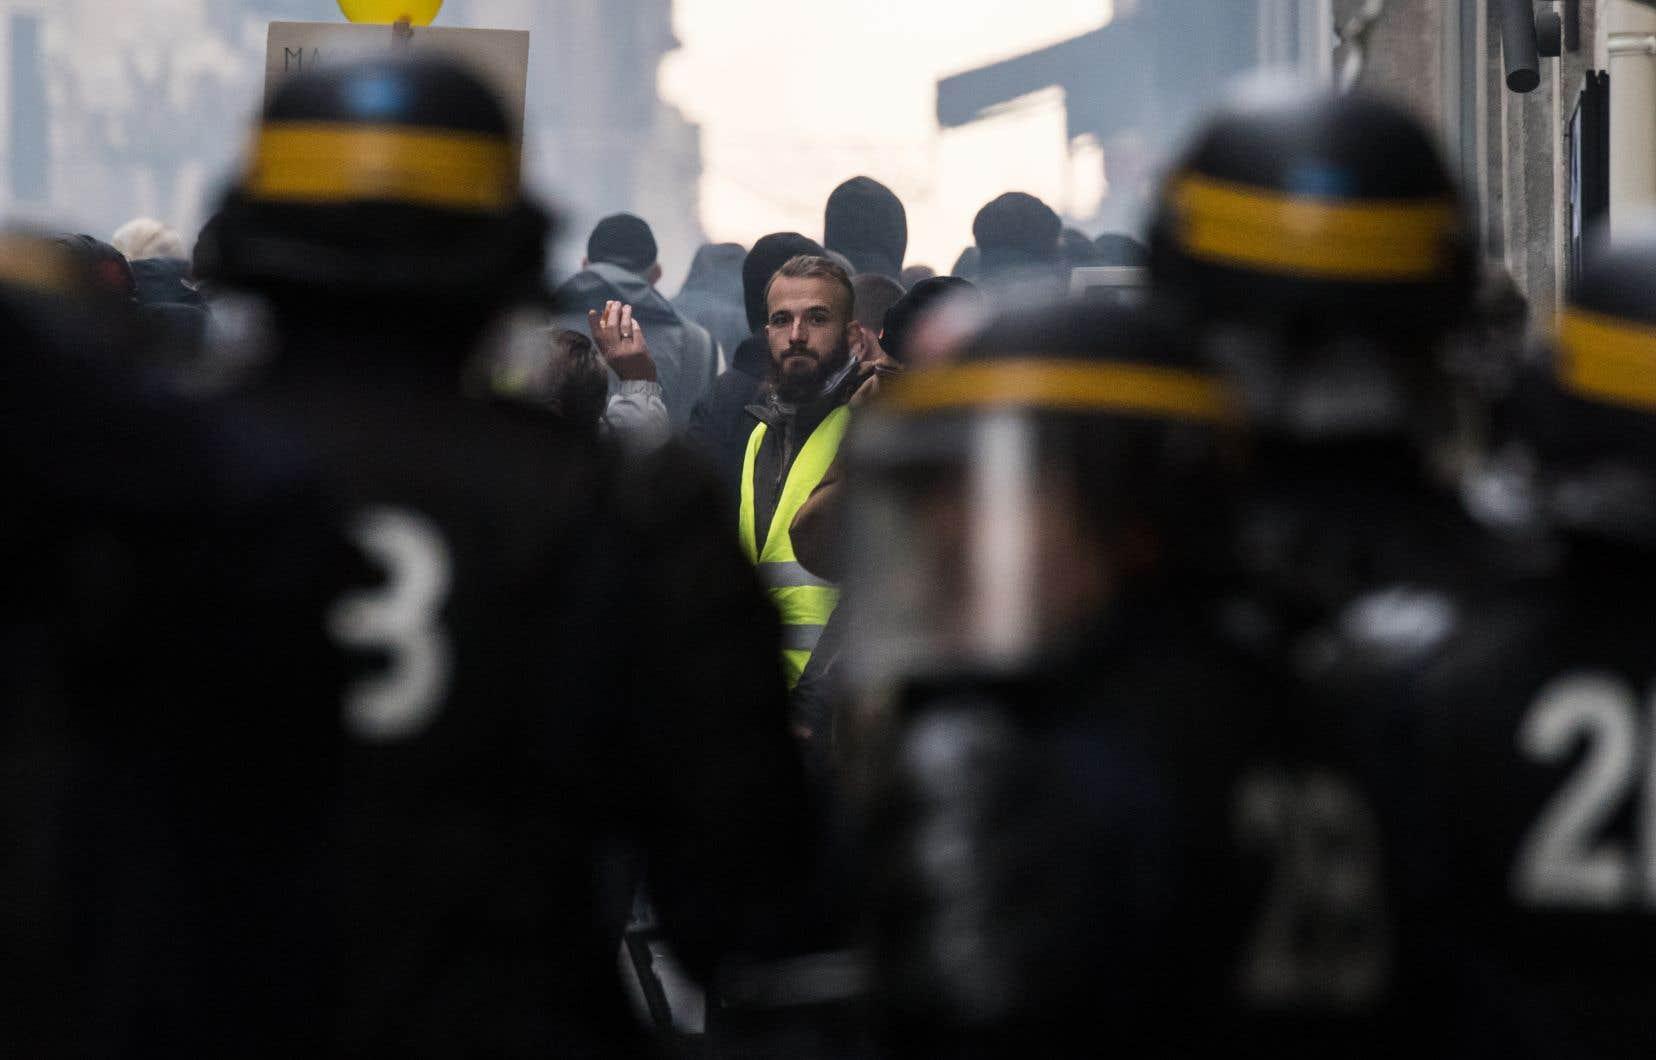 Pour ce week-end particulier, les autorités prévoyaient une mobilisation «importante» dans tout le pays, avec 270 actions annoncées.